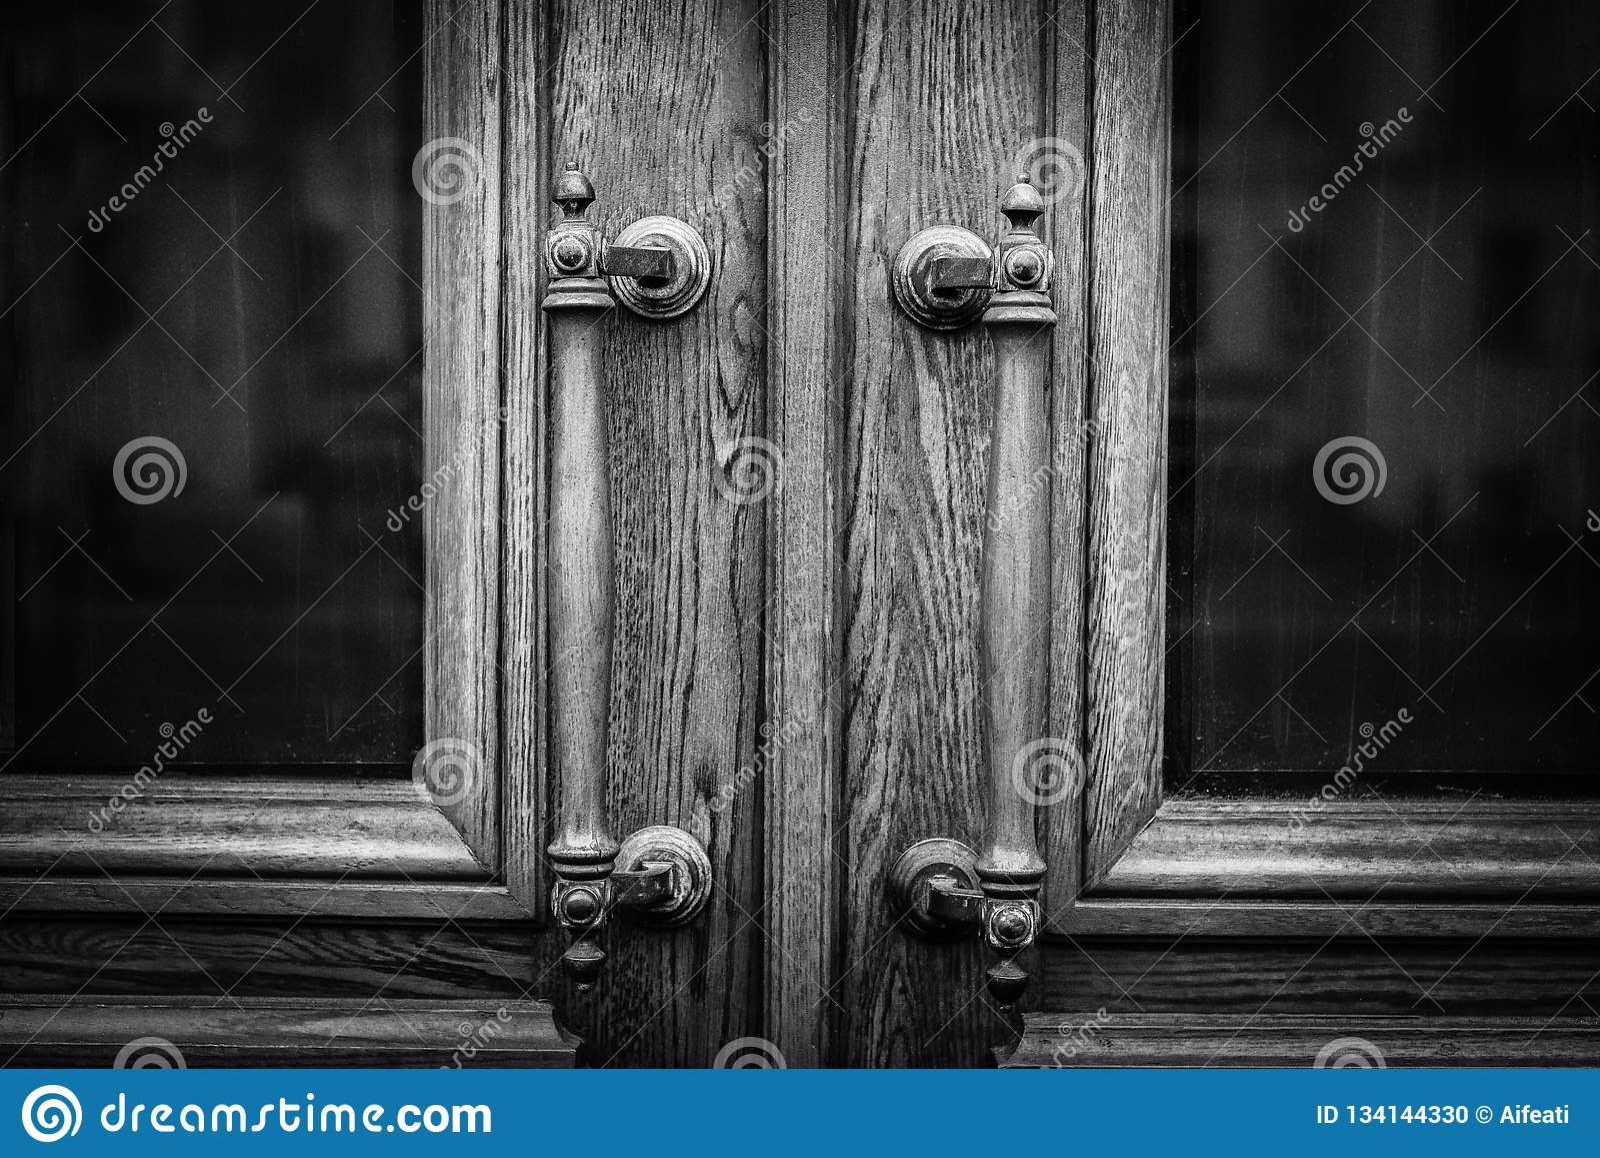 Entrée Noir Et Blanc la vieille antiquité manipule sur la porte d'entrée en bois